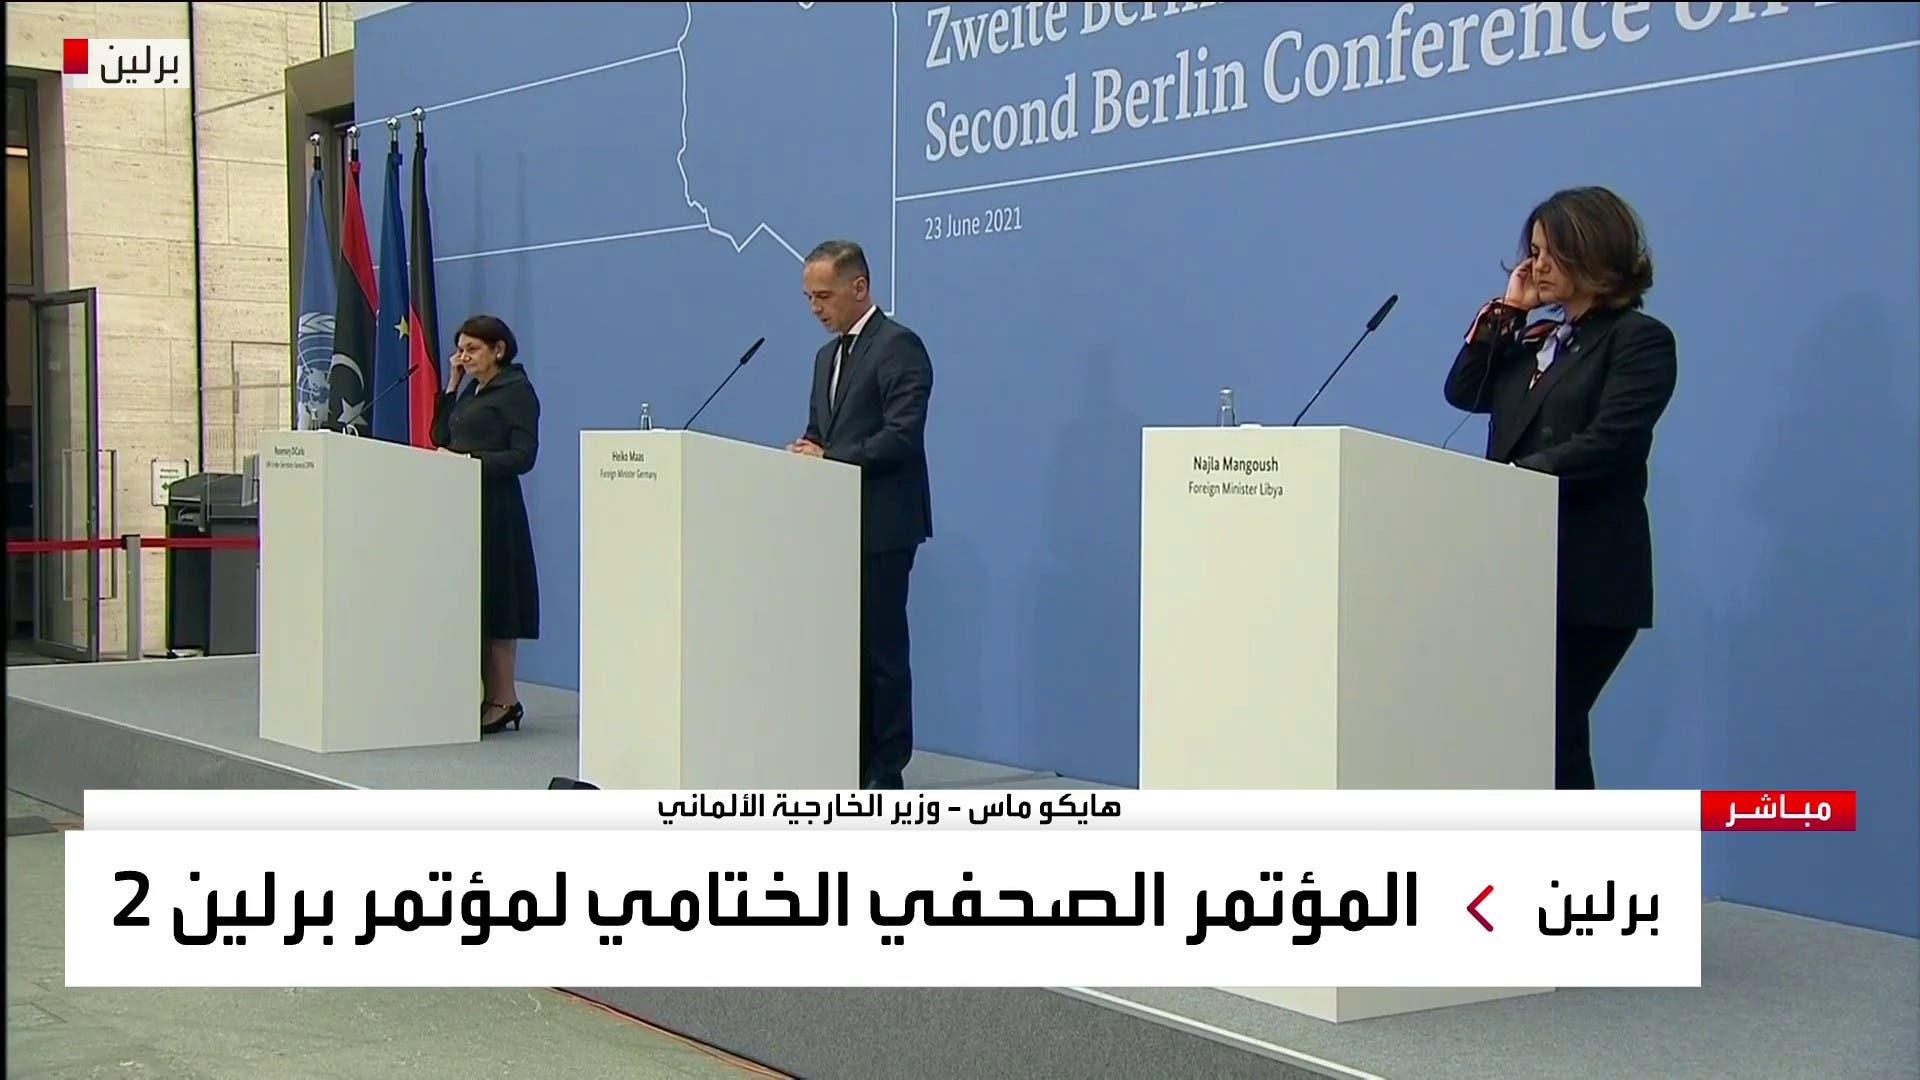 المؤتمر الصحافي الختامي في برلين2